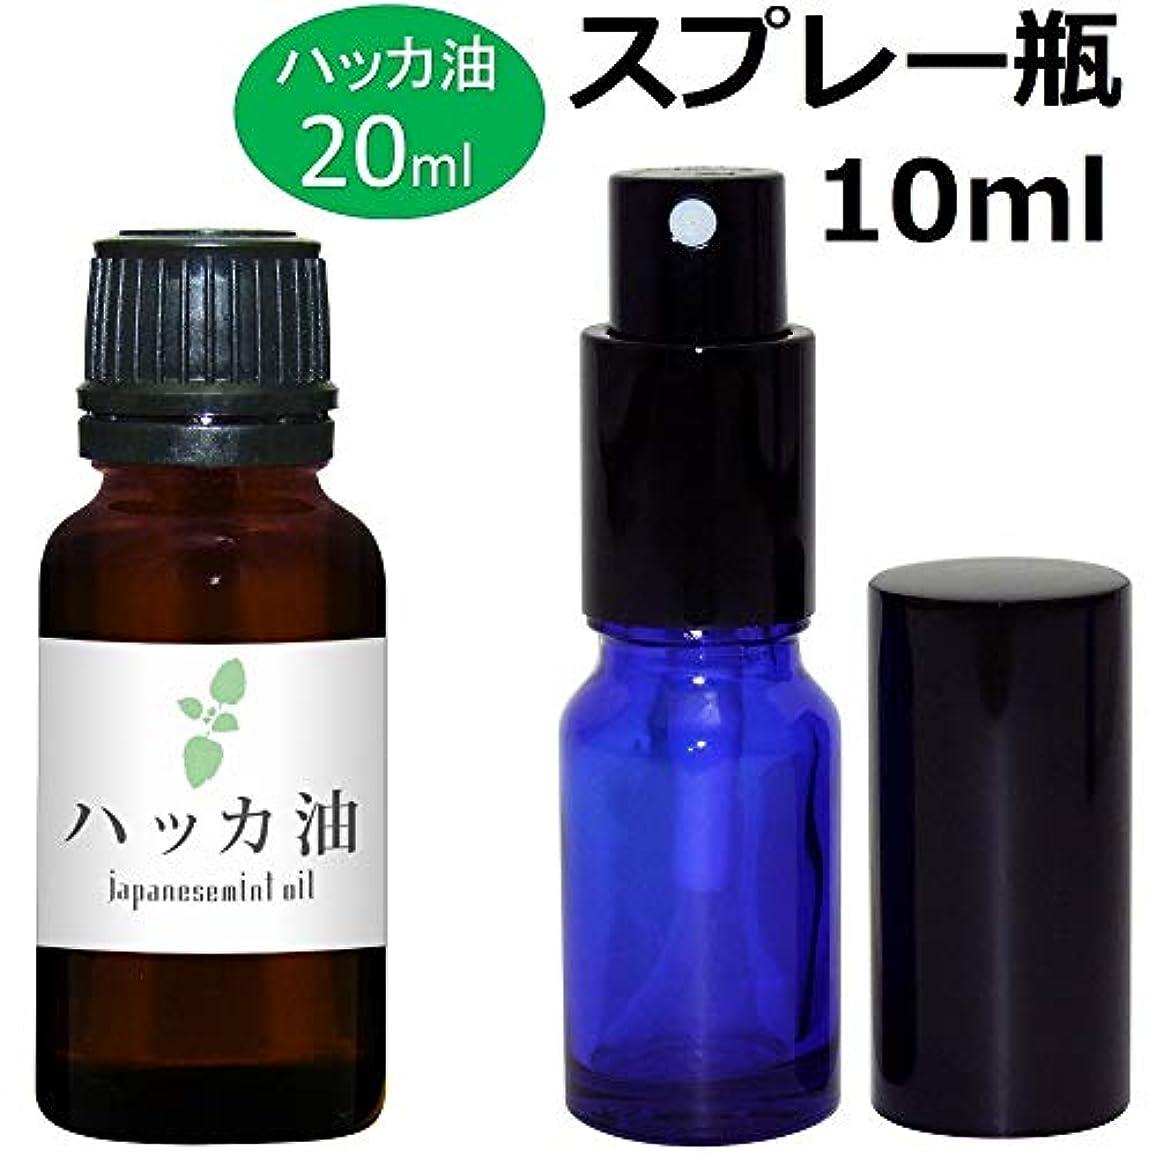 家畜とティーム名誉あるガレージ?ゼロ ハッカ油 20ml(GZAK12)+ガラス瓶 スプレーボトル10ml/和種薄荷/ジャパニーズミント GSE533